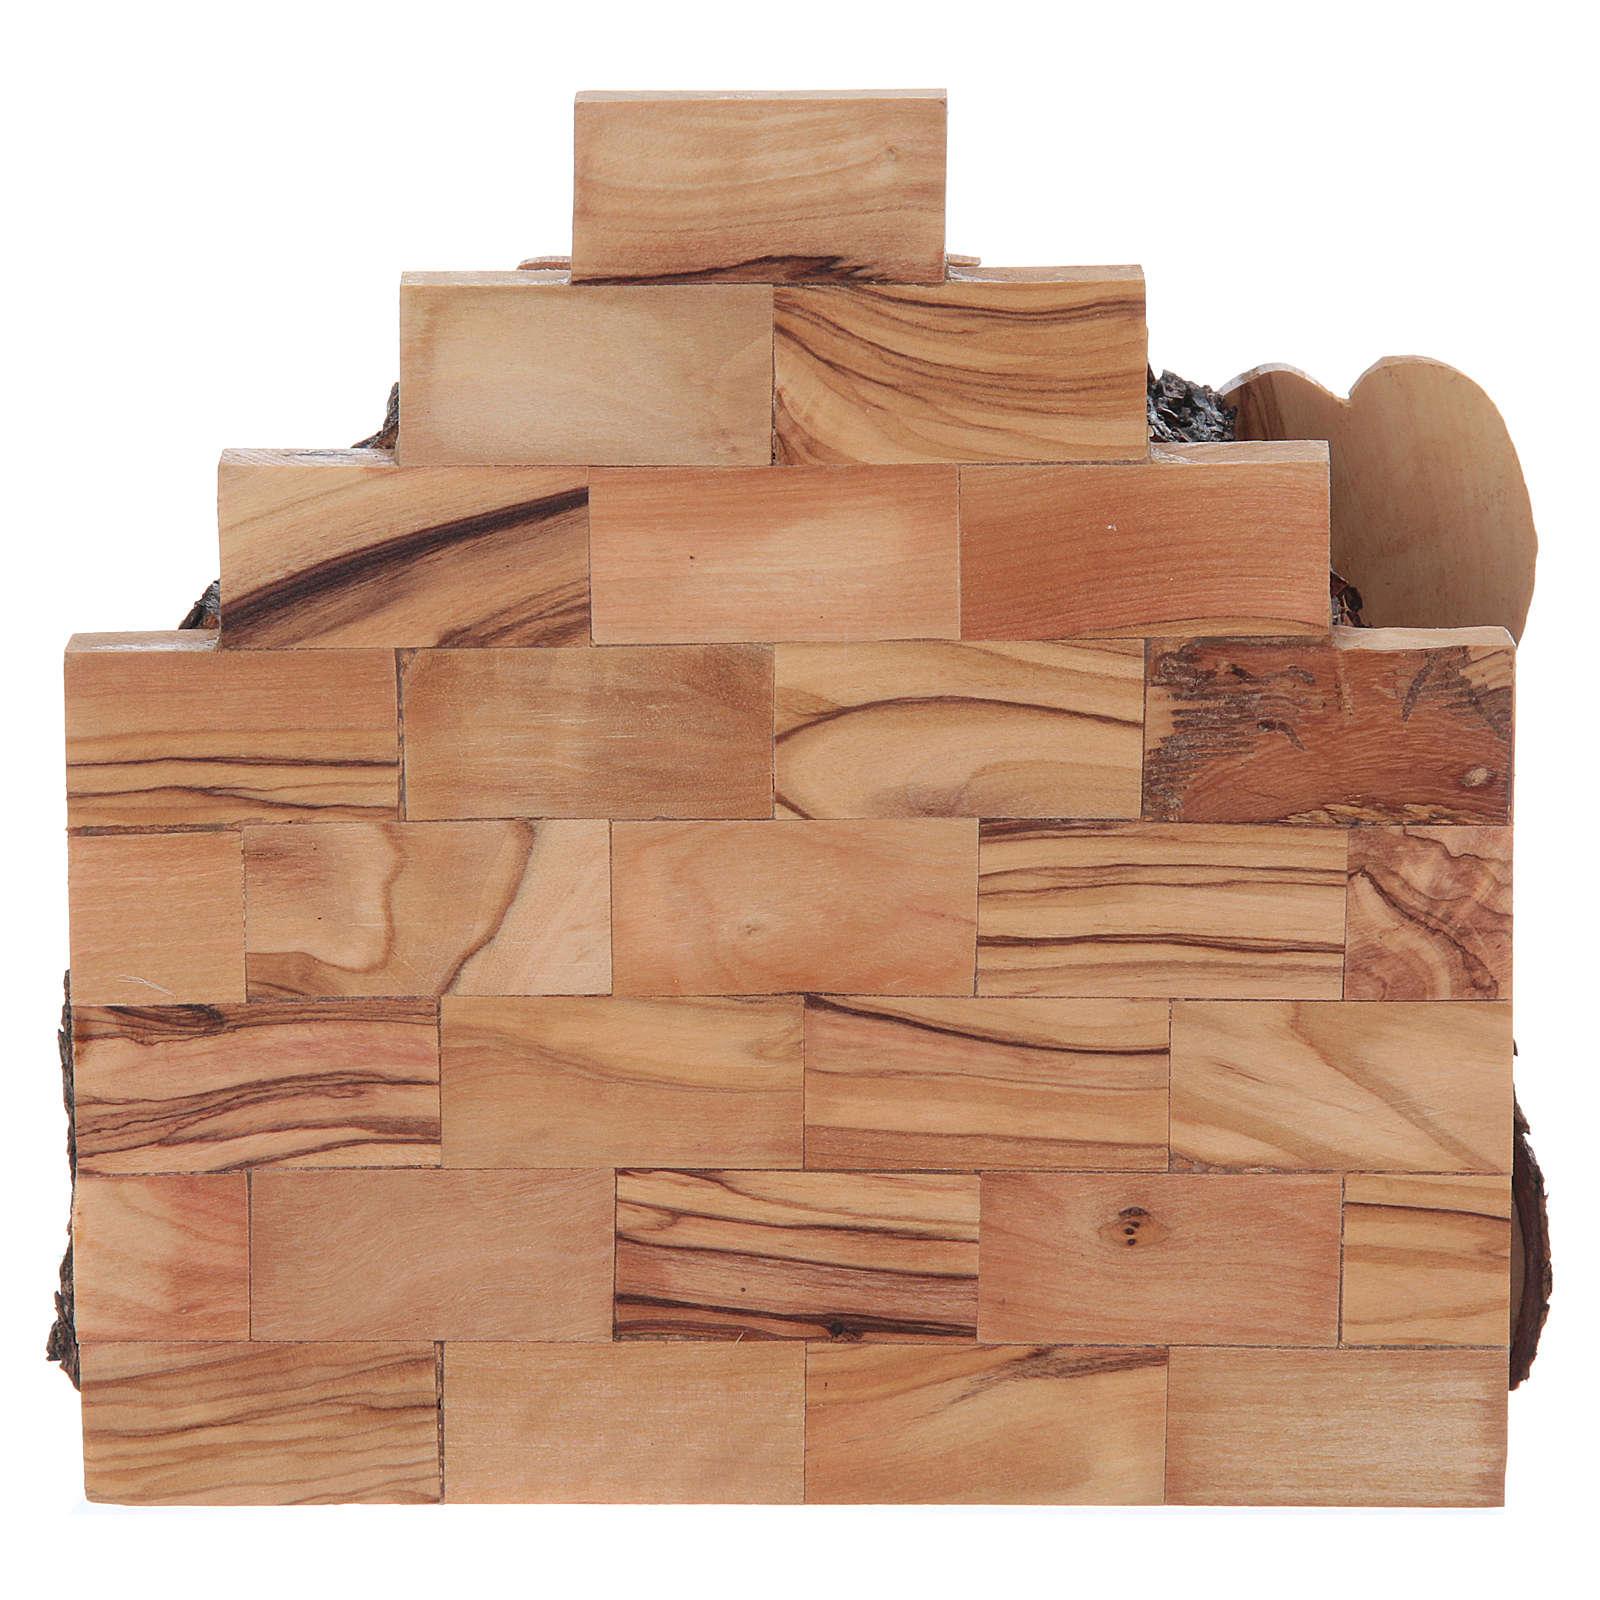 Natividad de madera olivo de Belén con cabaña 15x15x10 cm 4